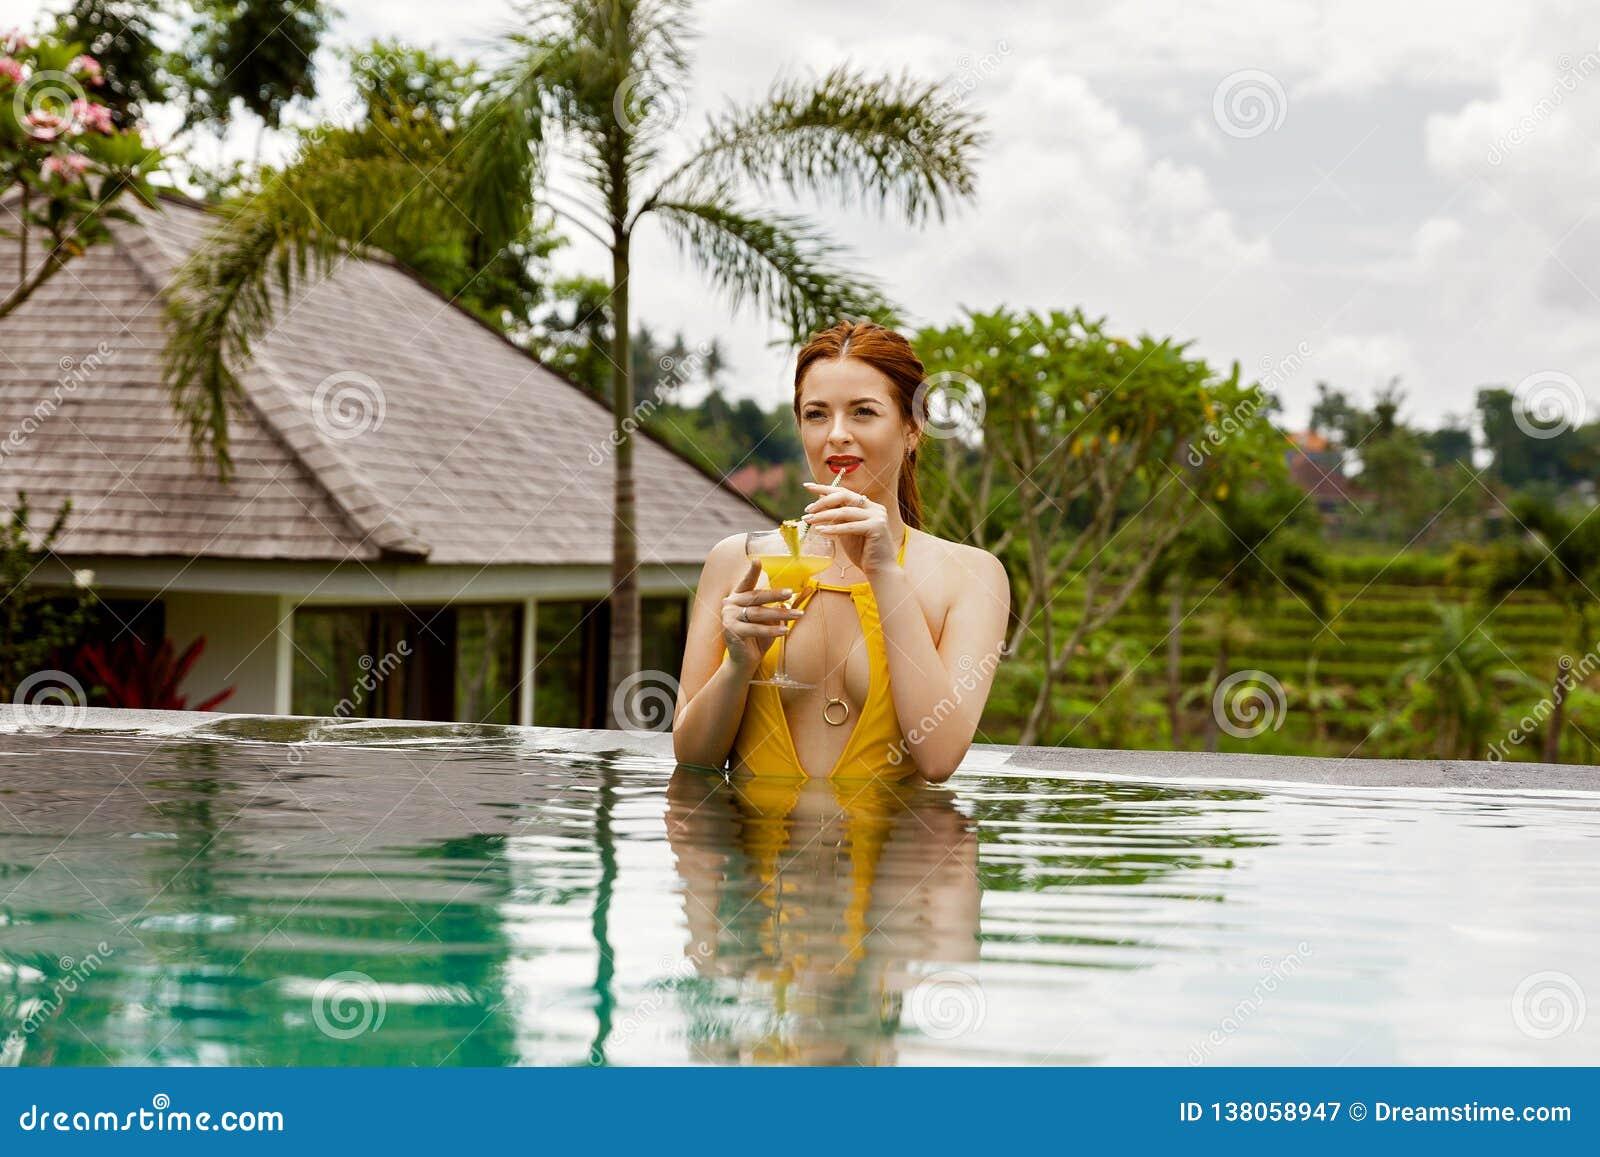 Mooi meisje in een geel zwempak in het zwembad